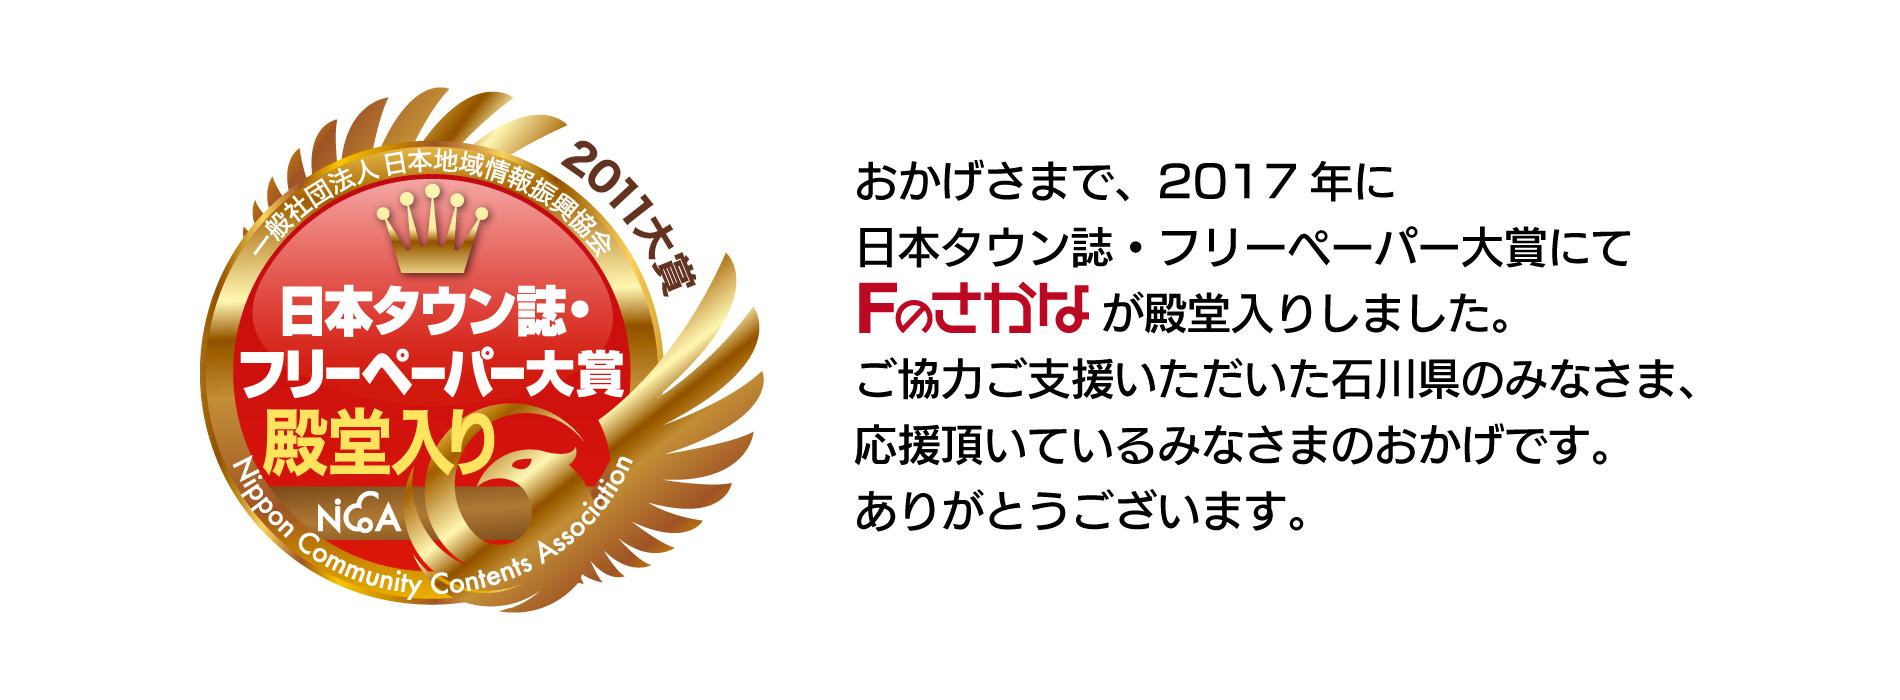 2017年タウン誌・フリーペーパー大賞殿堂入り